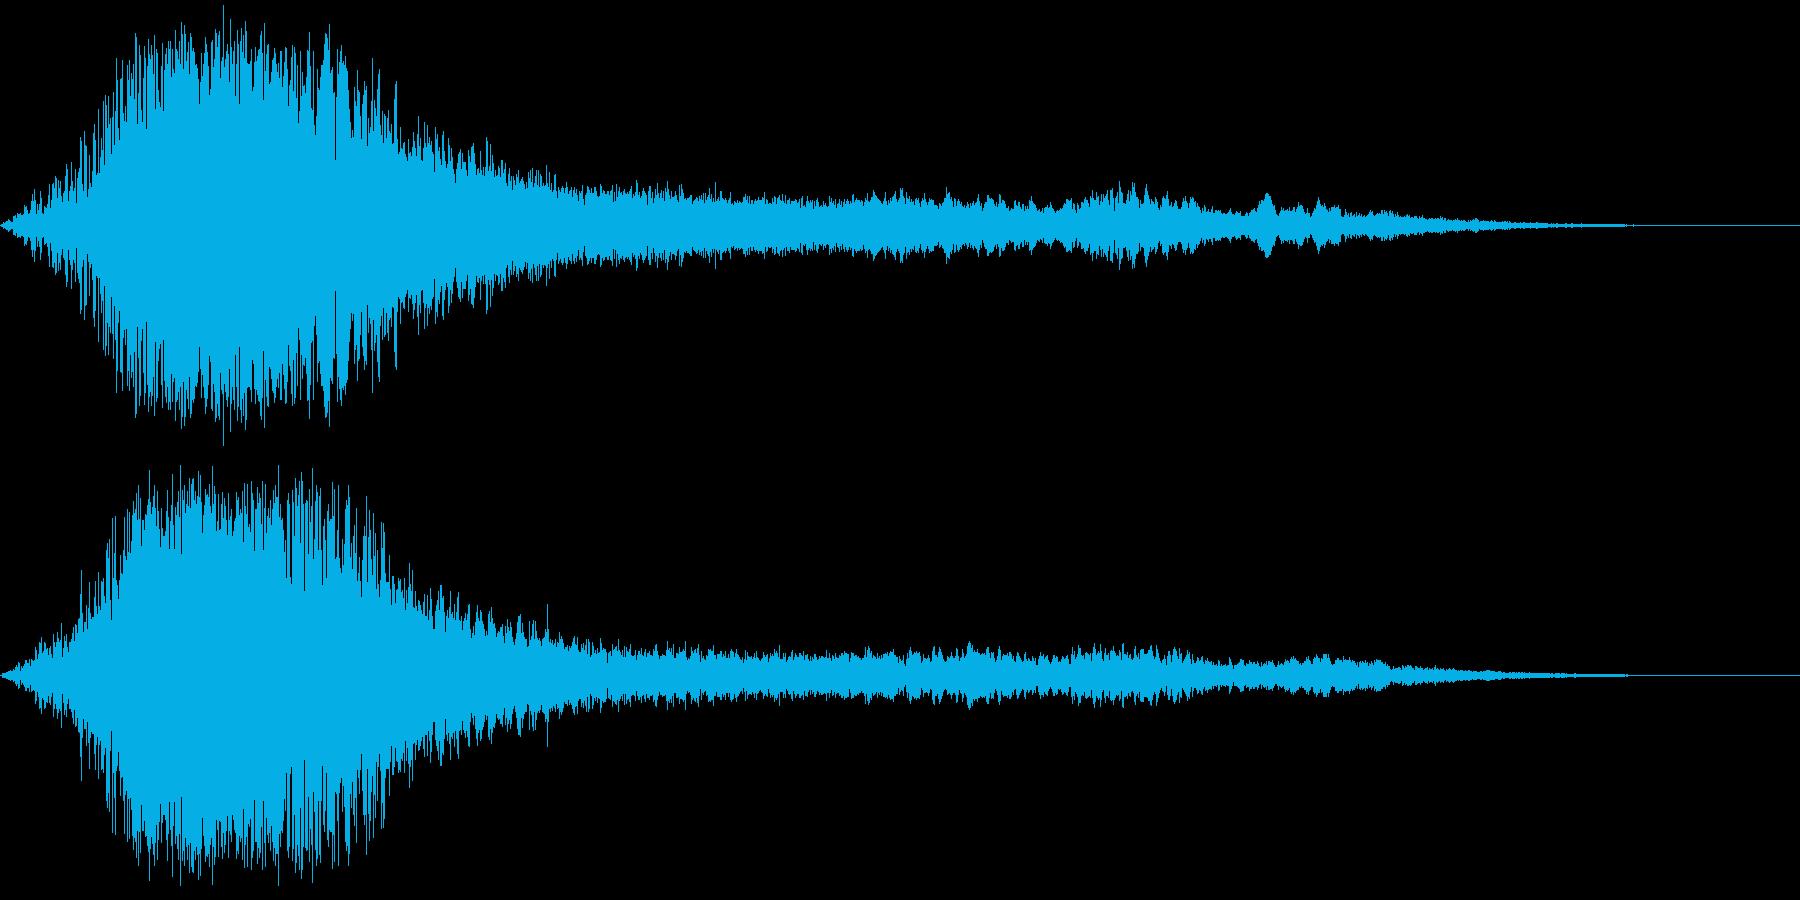 【ホラー】キーン・・ドンッ!!_衝撃音の再生済みの波形